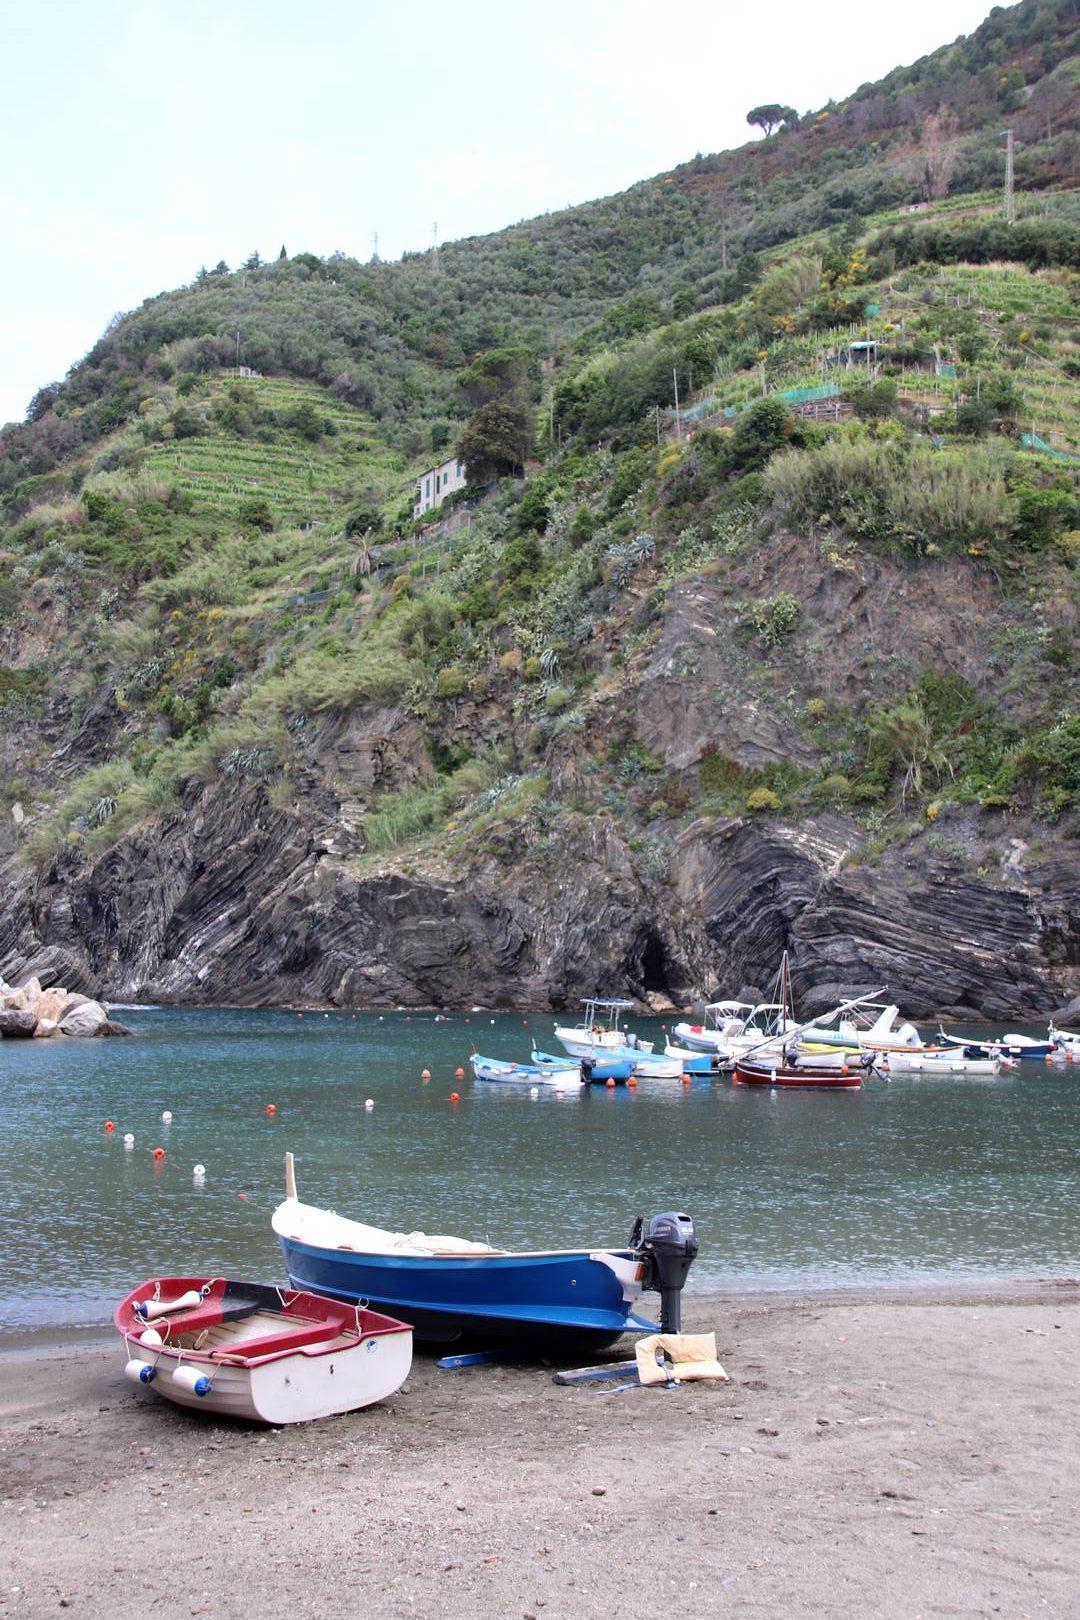 Italie - Bateaux dans le port du village de Vernazza, parc des cinque terre